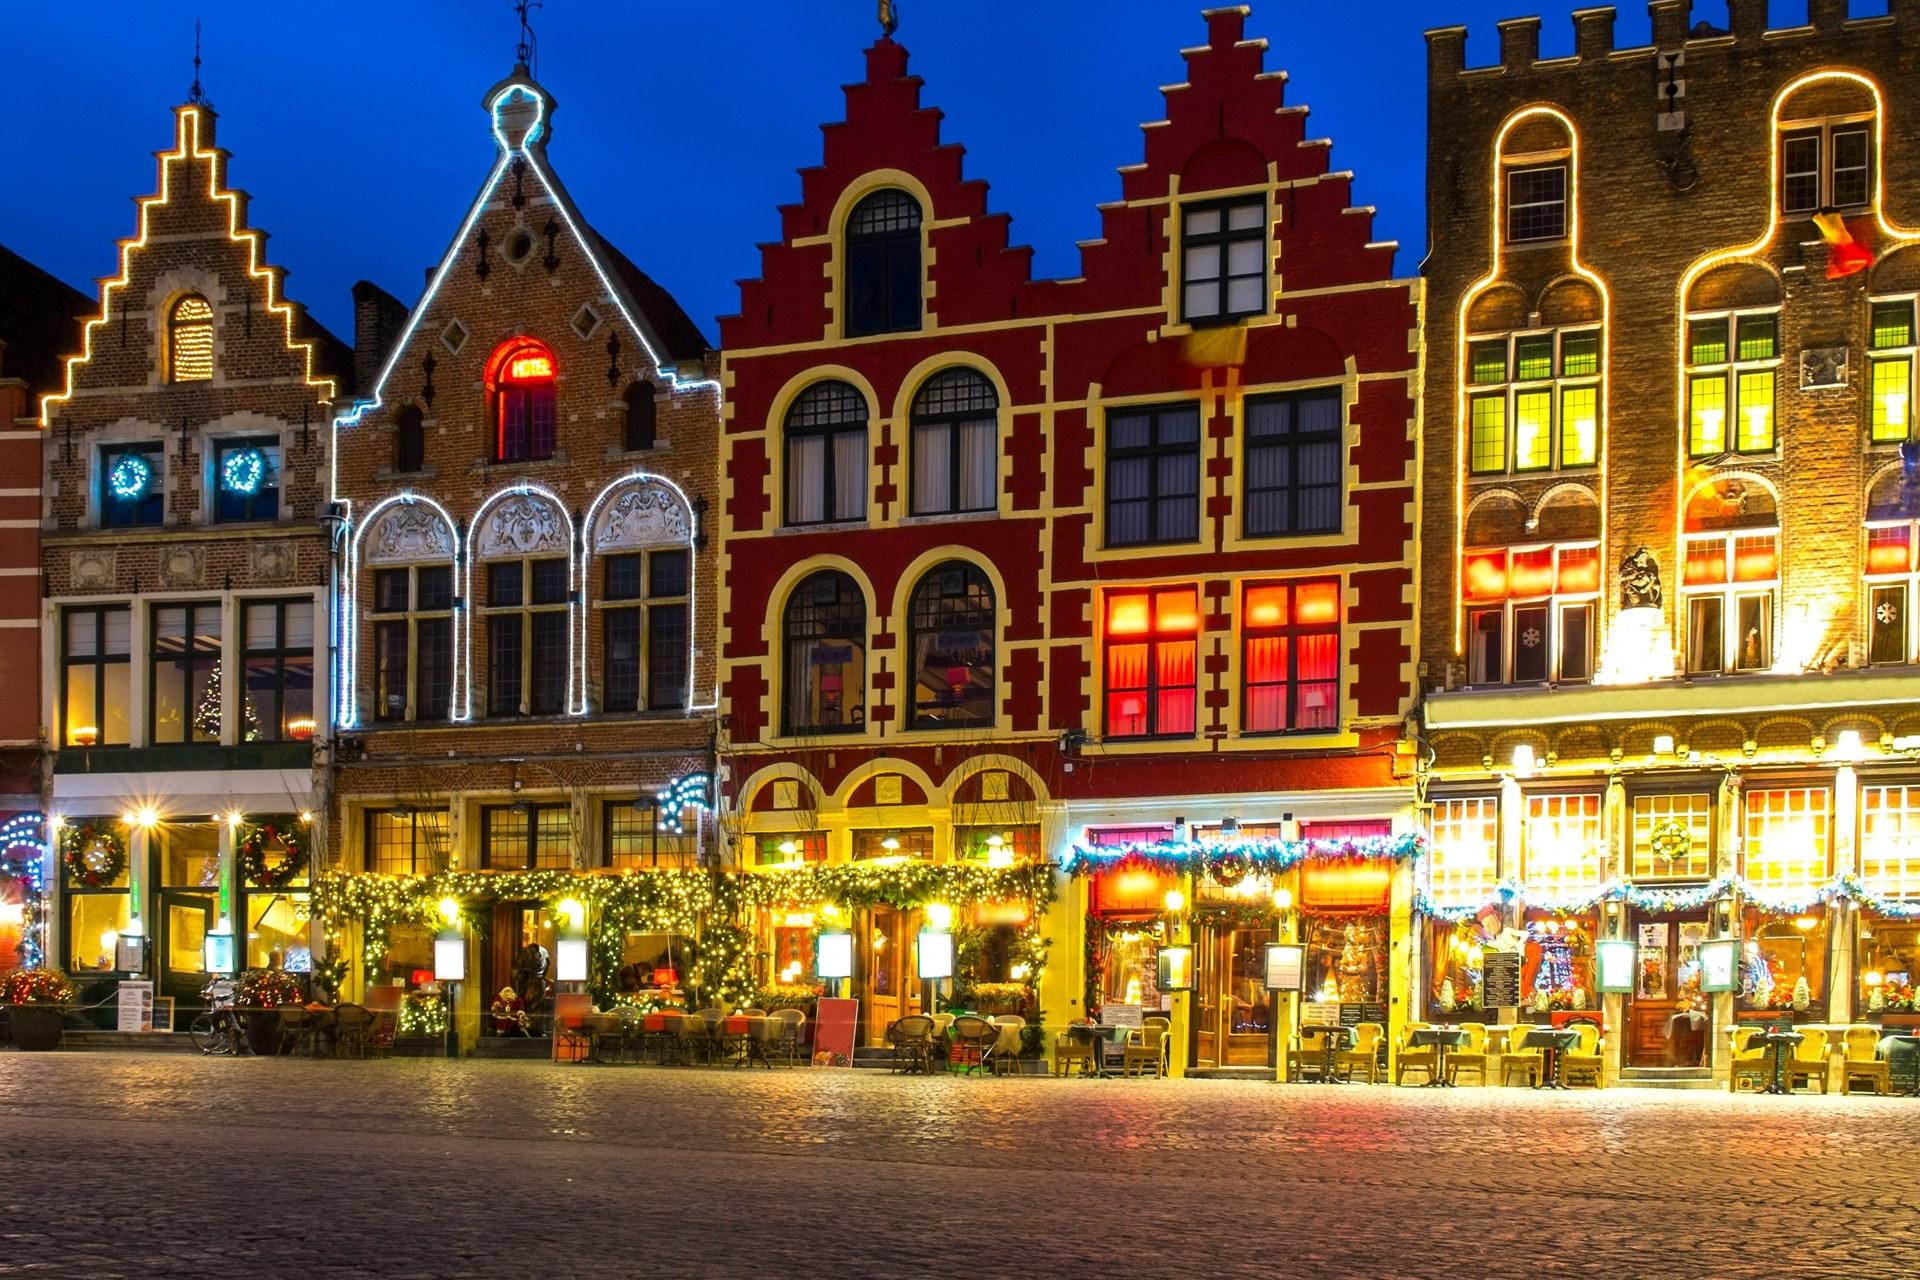 Kerstmarkt Brugge Tui